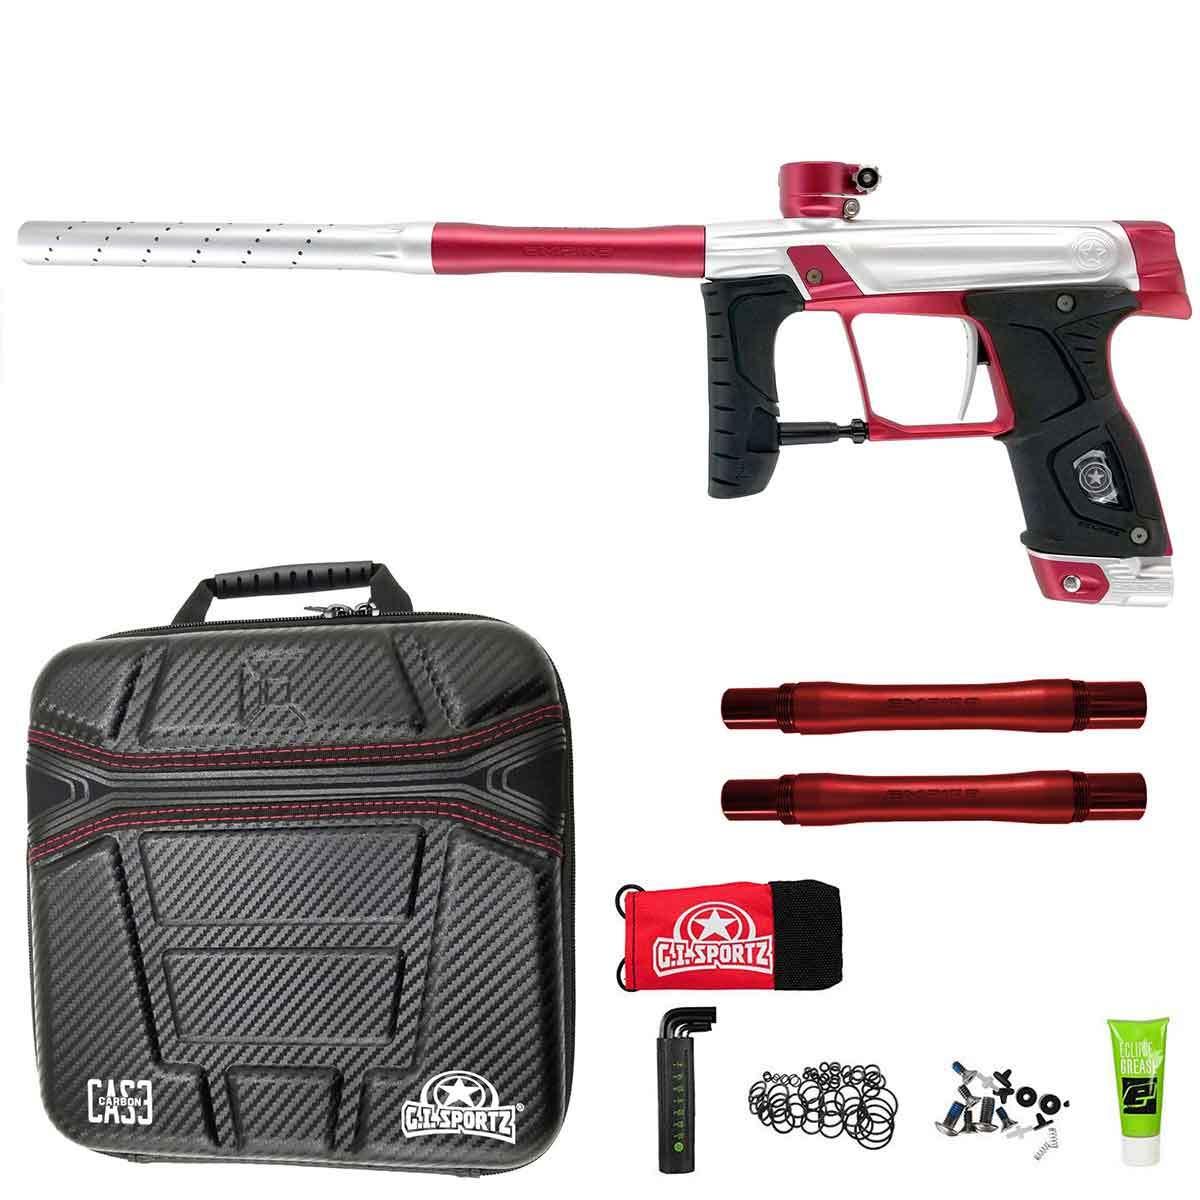 GI Sportz Stealth Paintball Marker